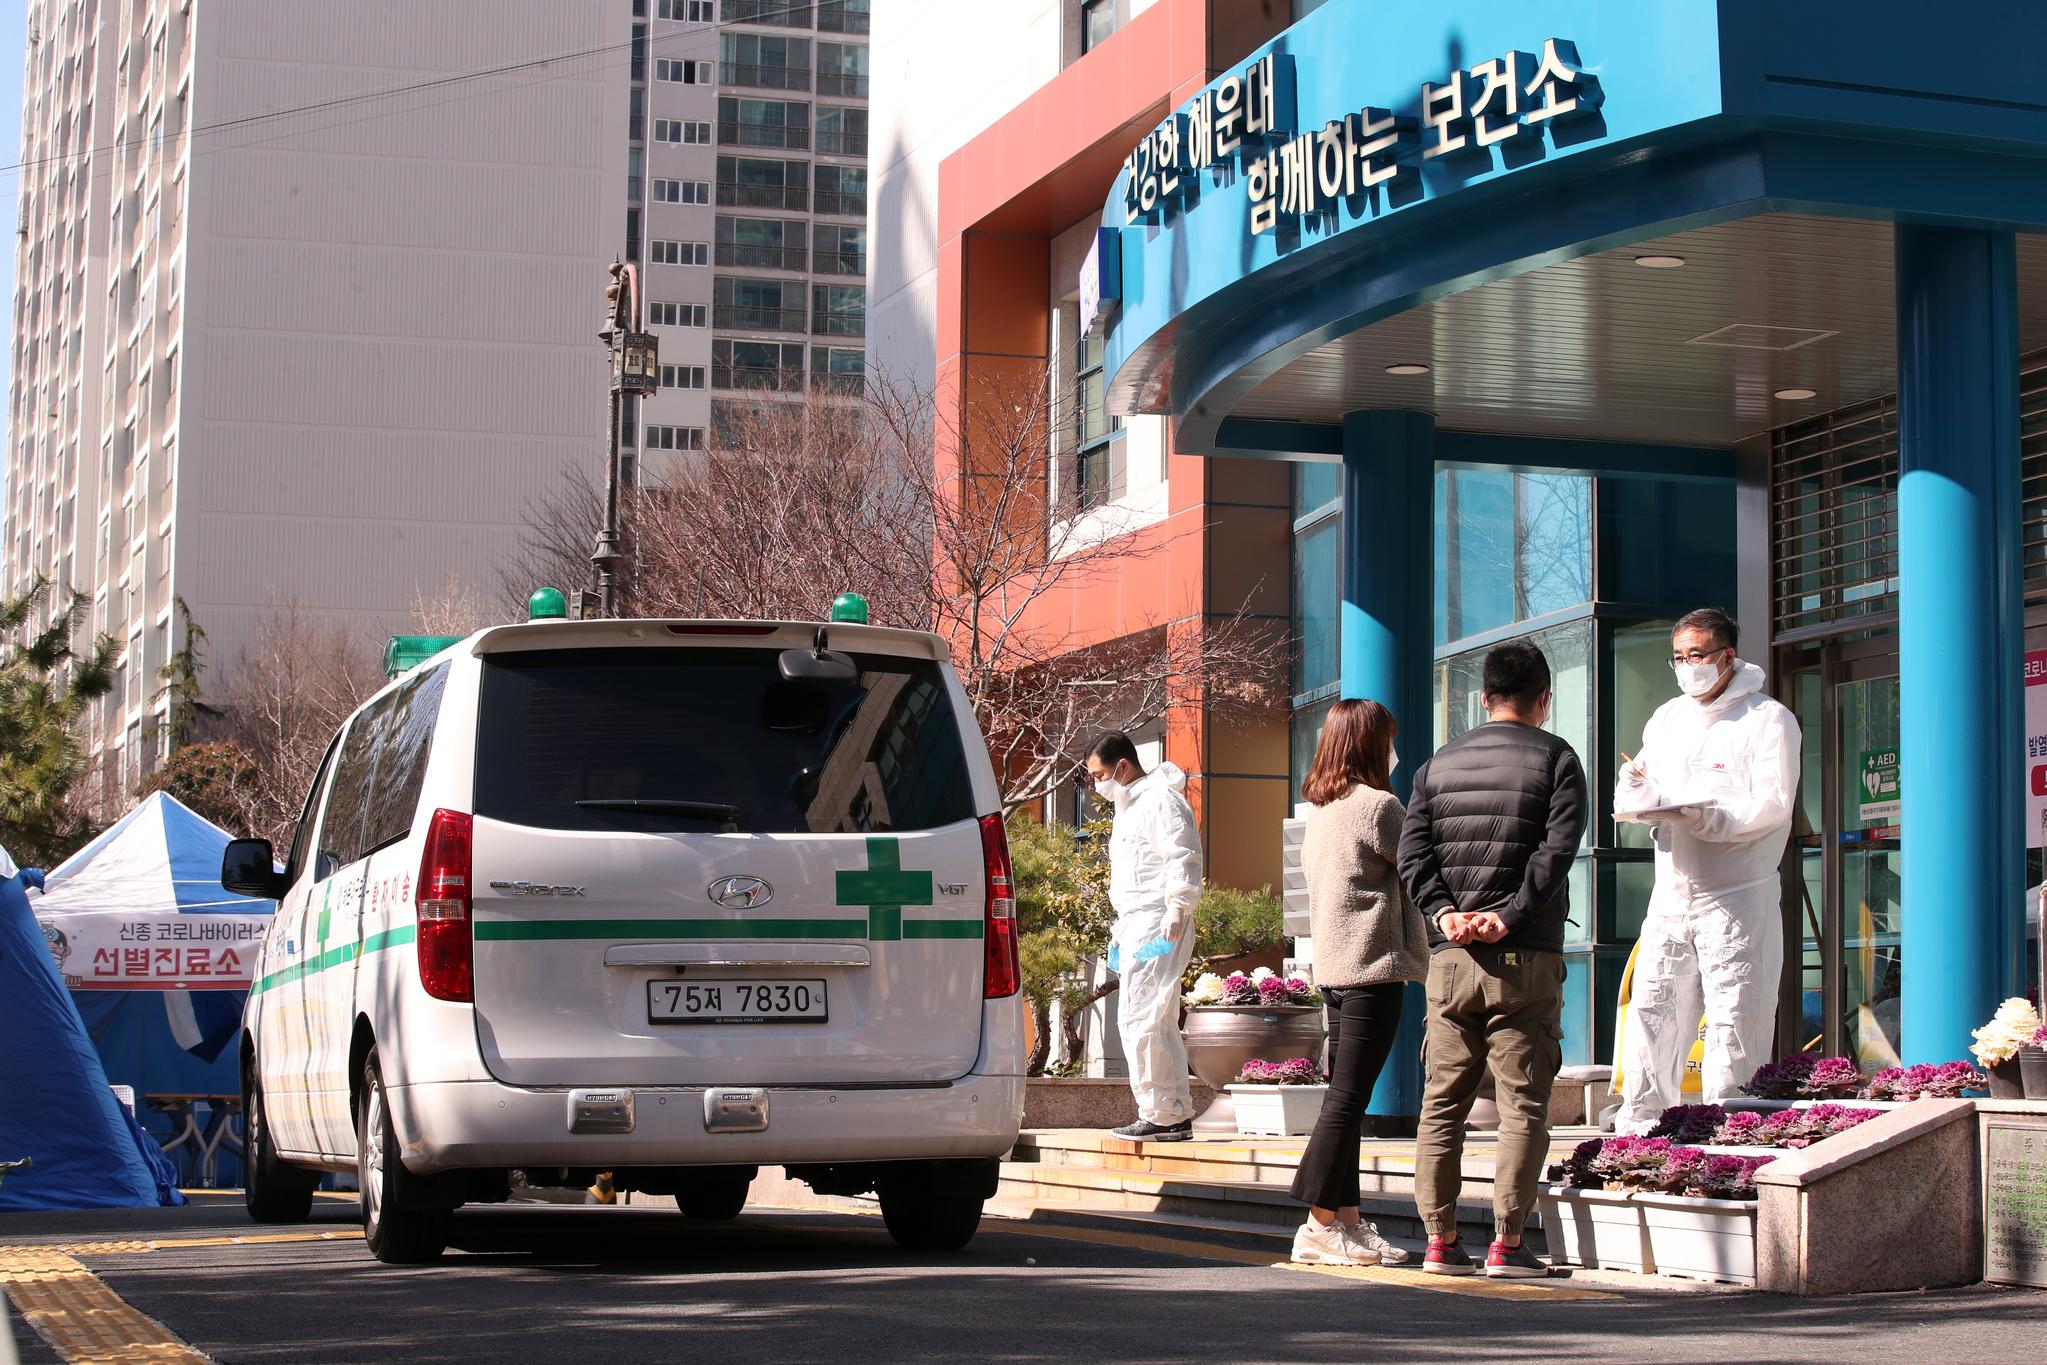 23일 부산 해운대구 보건소에 마련된 선별진료소를 찾은 시민들이 상담을 받고 있다. 이날 부산에서 신종 코로나 바이러스 감염증(코로나19)확진자가 무더기로 발생했다. [뉴스1]